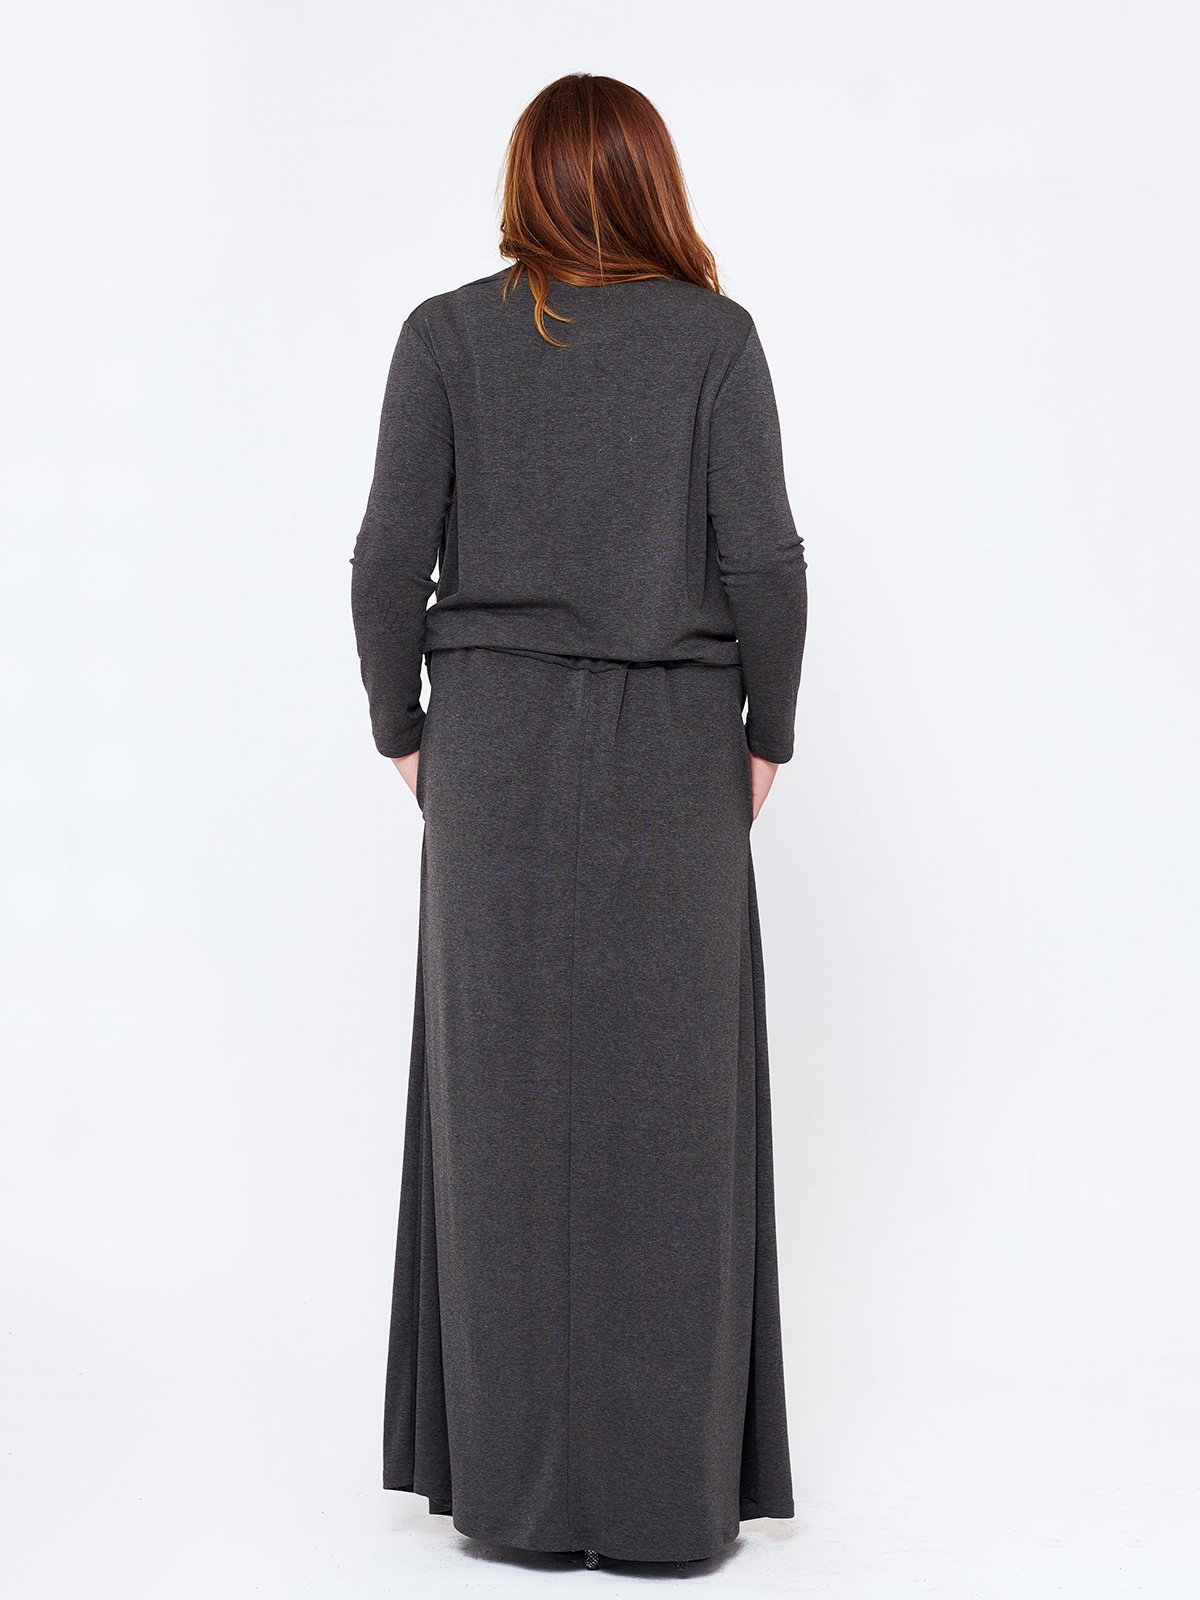 Сукня темно-сіра | 2714657 | фото 2